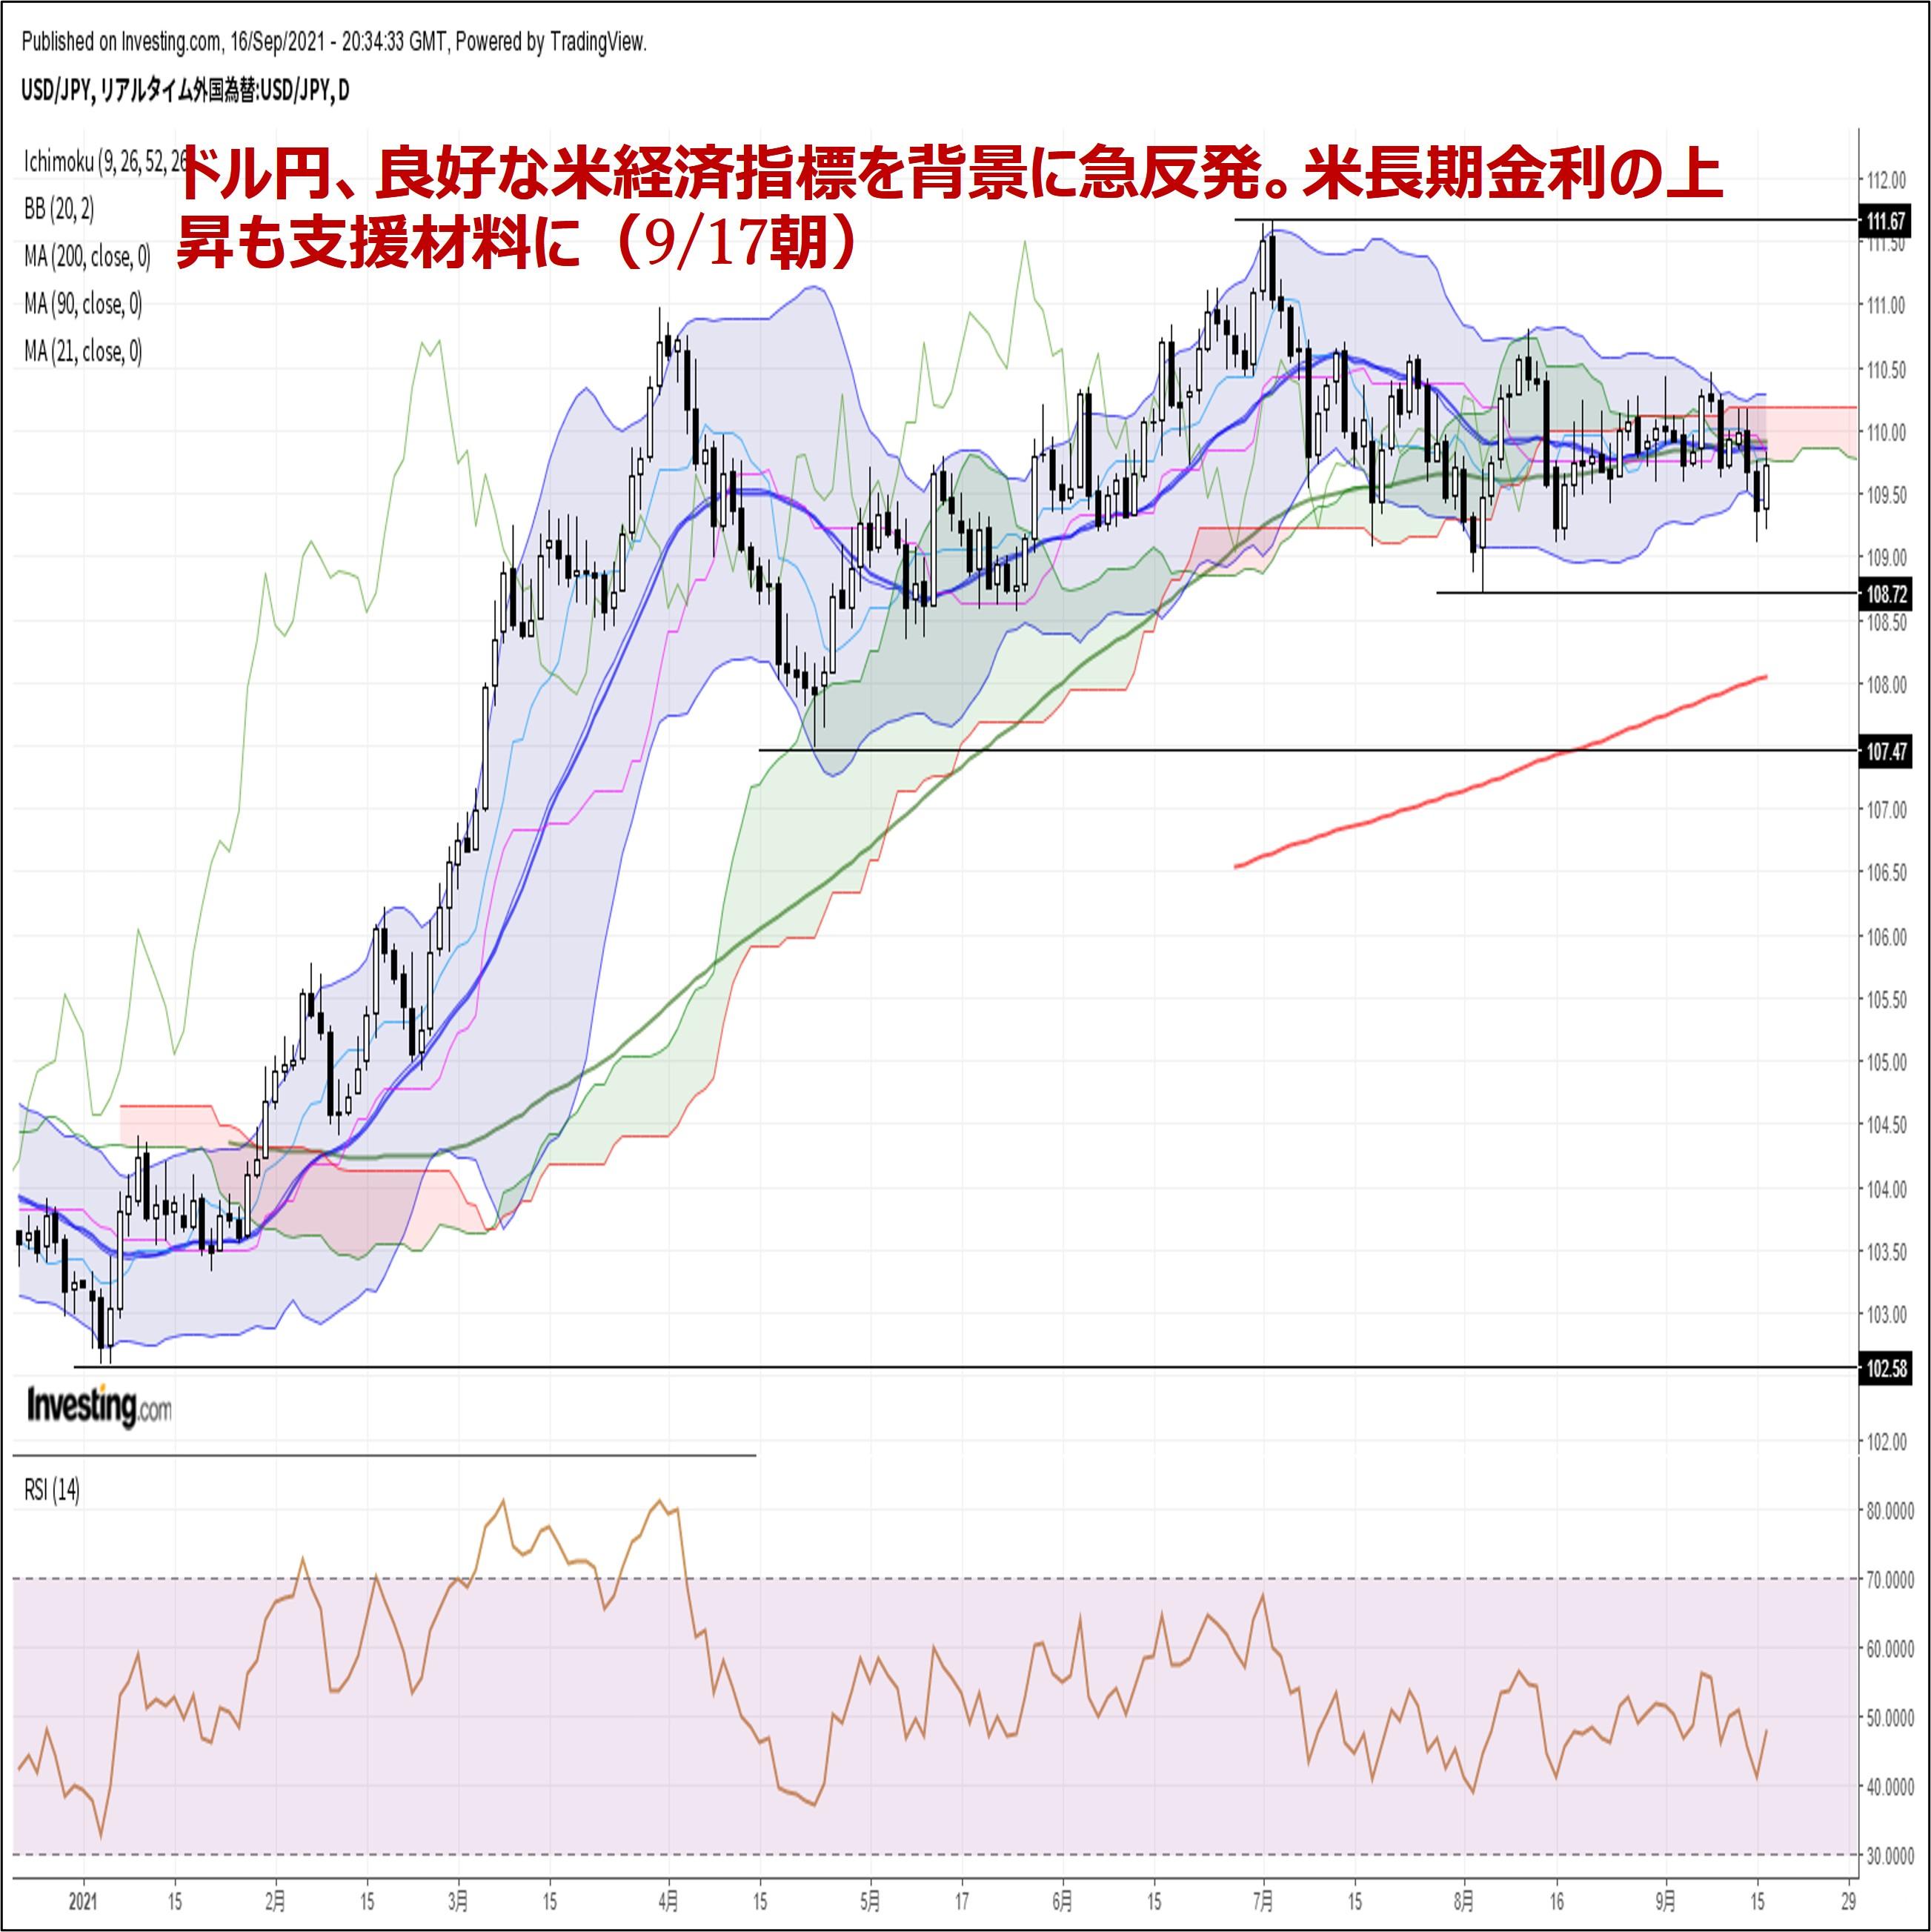 ドル円、良好な米経済指標を背景に急反発。米長期金利の上昇も支援材料に(9/17朝)